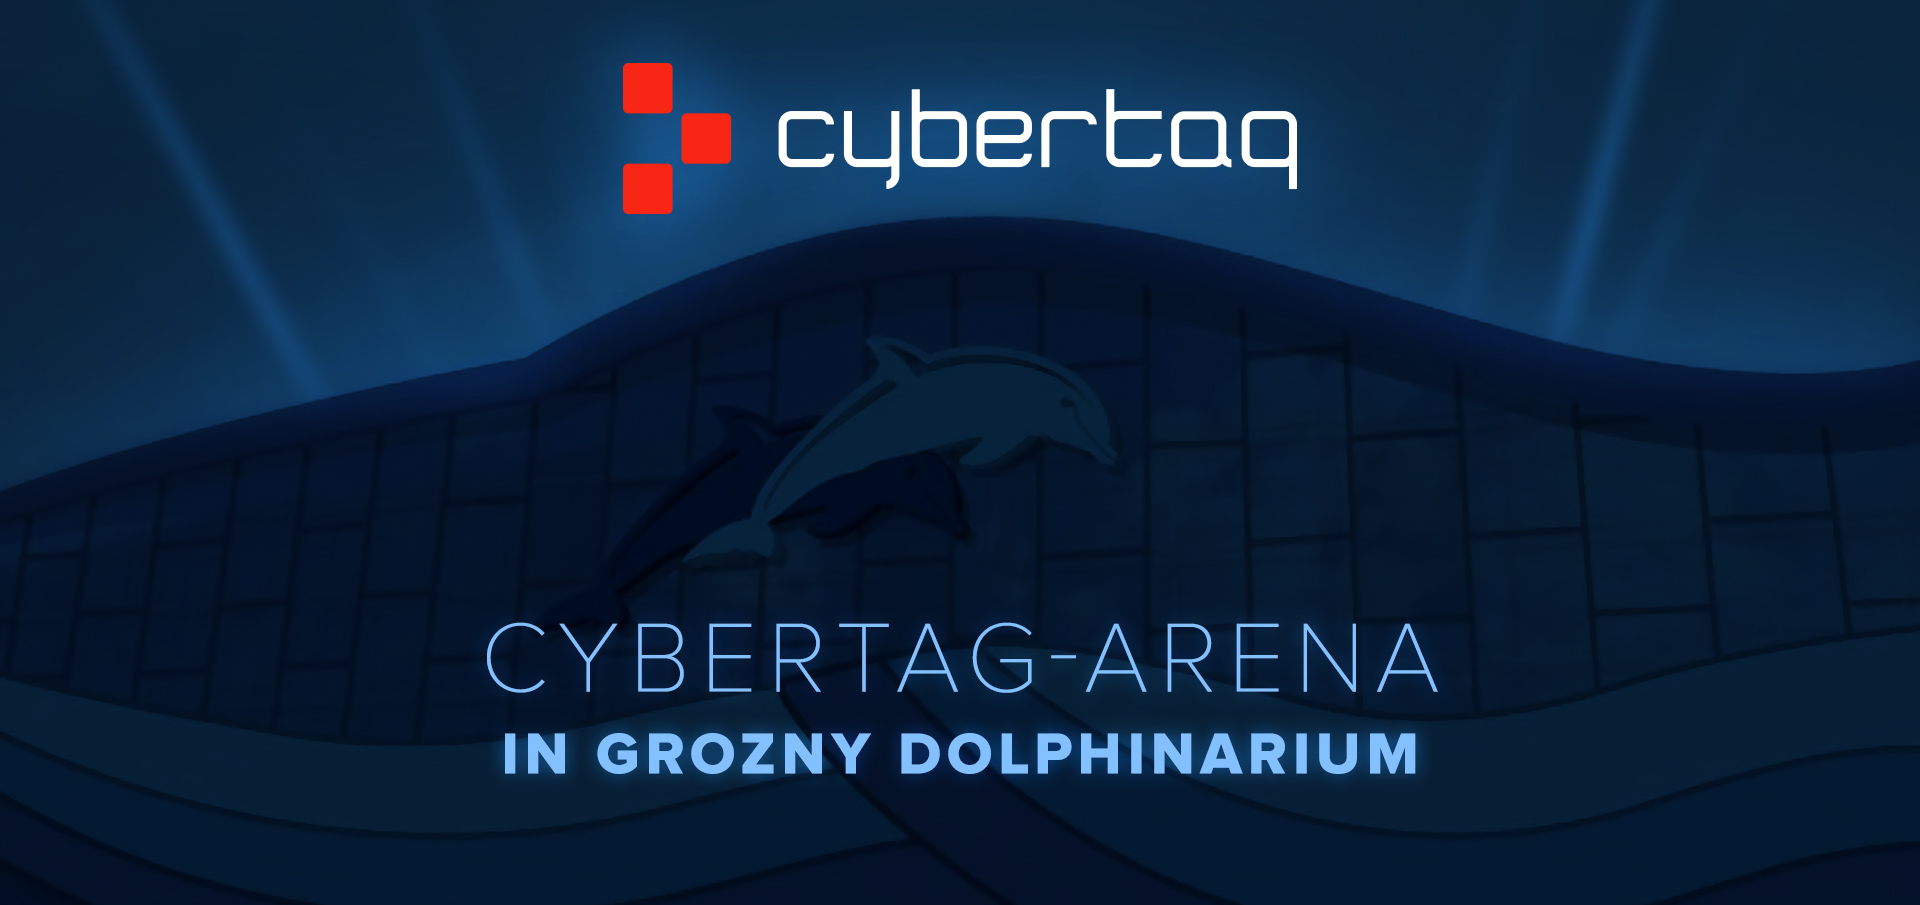 Cybertag arena in Grozny Dolphinarium